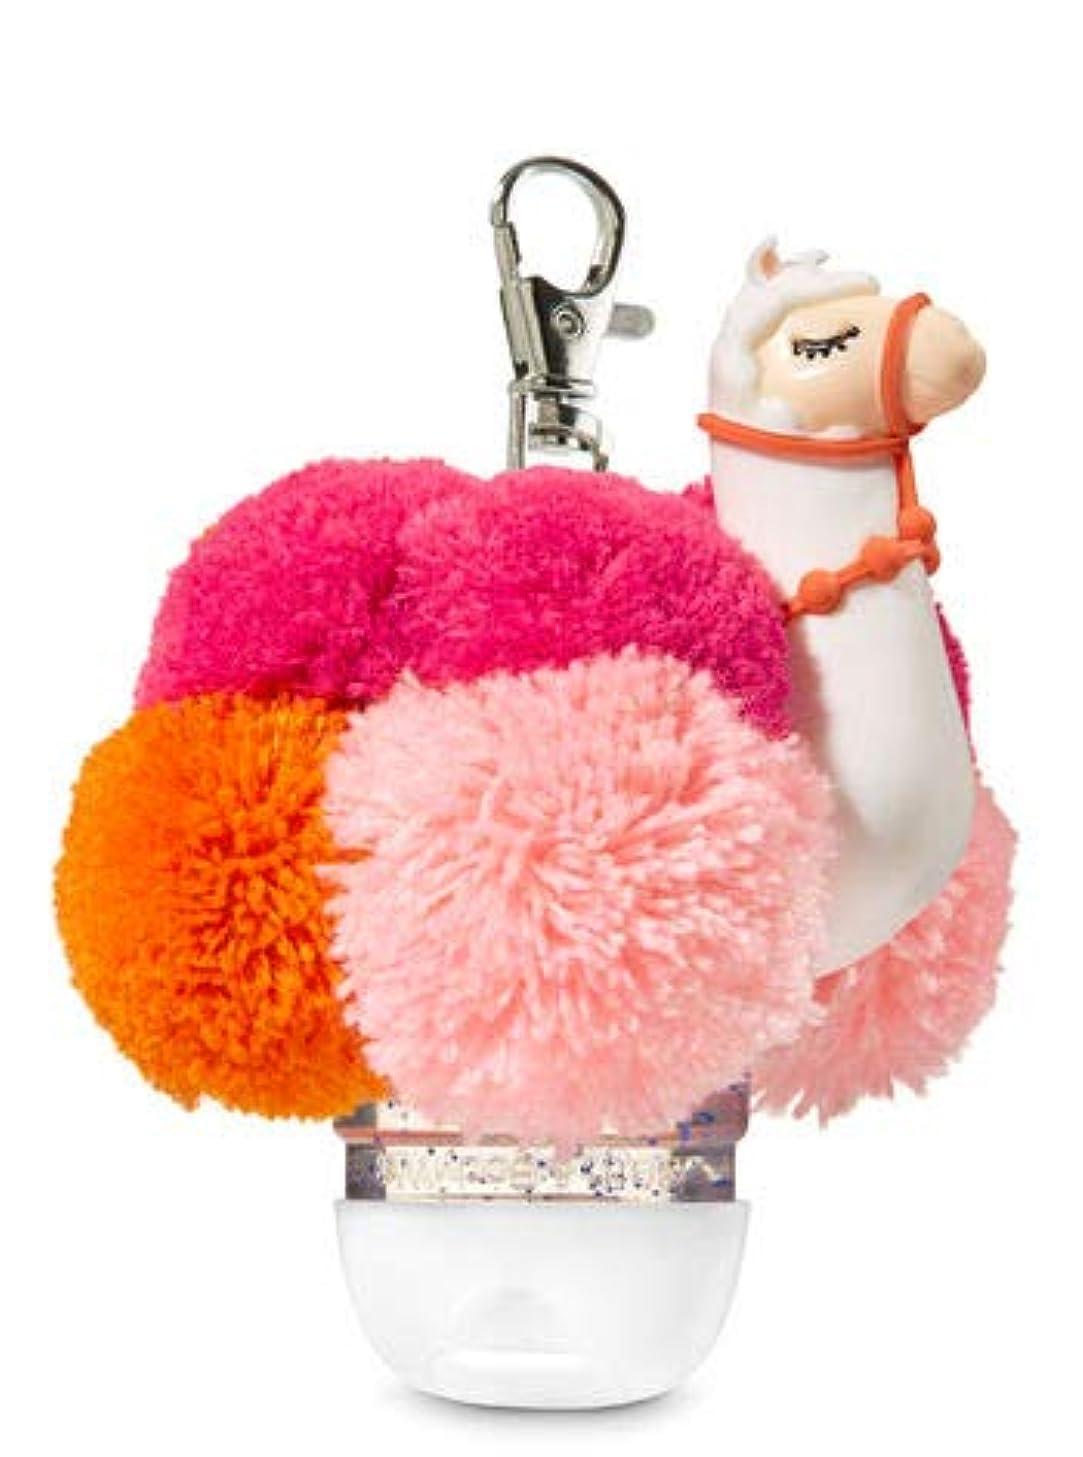 メディカル剪断アルカトラズ島【Bath&Body Works/バス&ボディワークス】 抗菌ハンドジェルホルダー ラマポム Pocketbac Holder Llama Pom [並行輸入品]